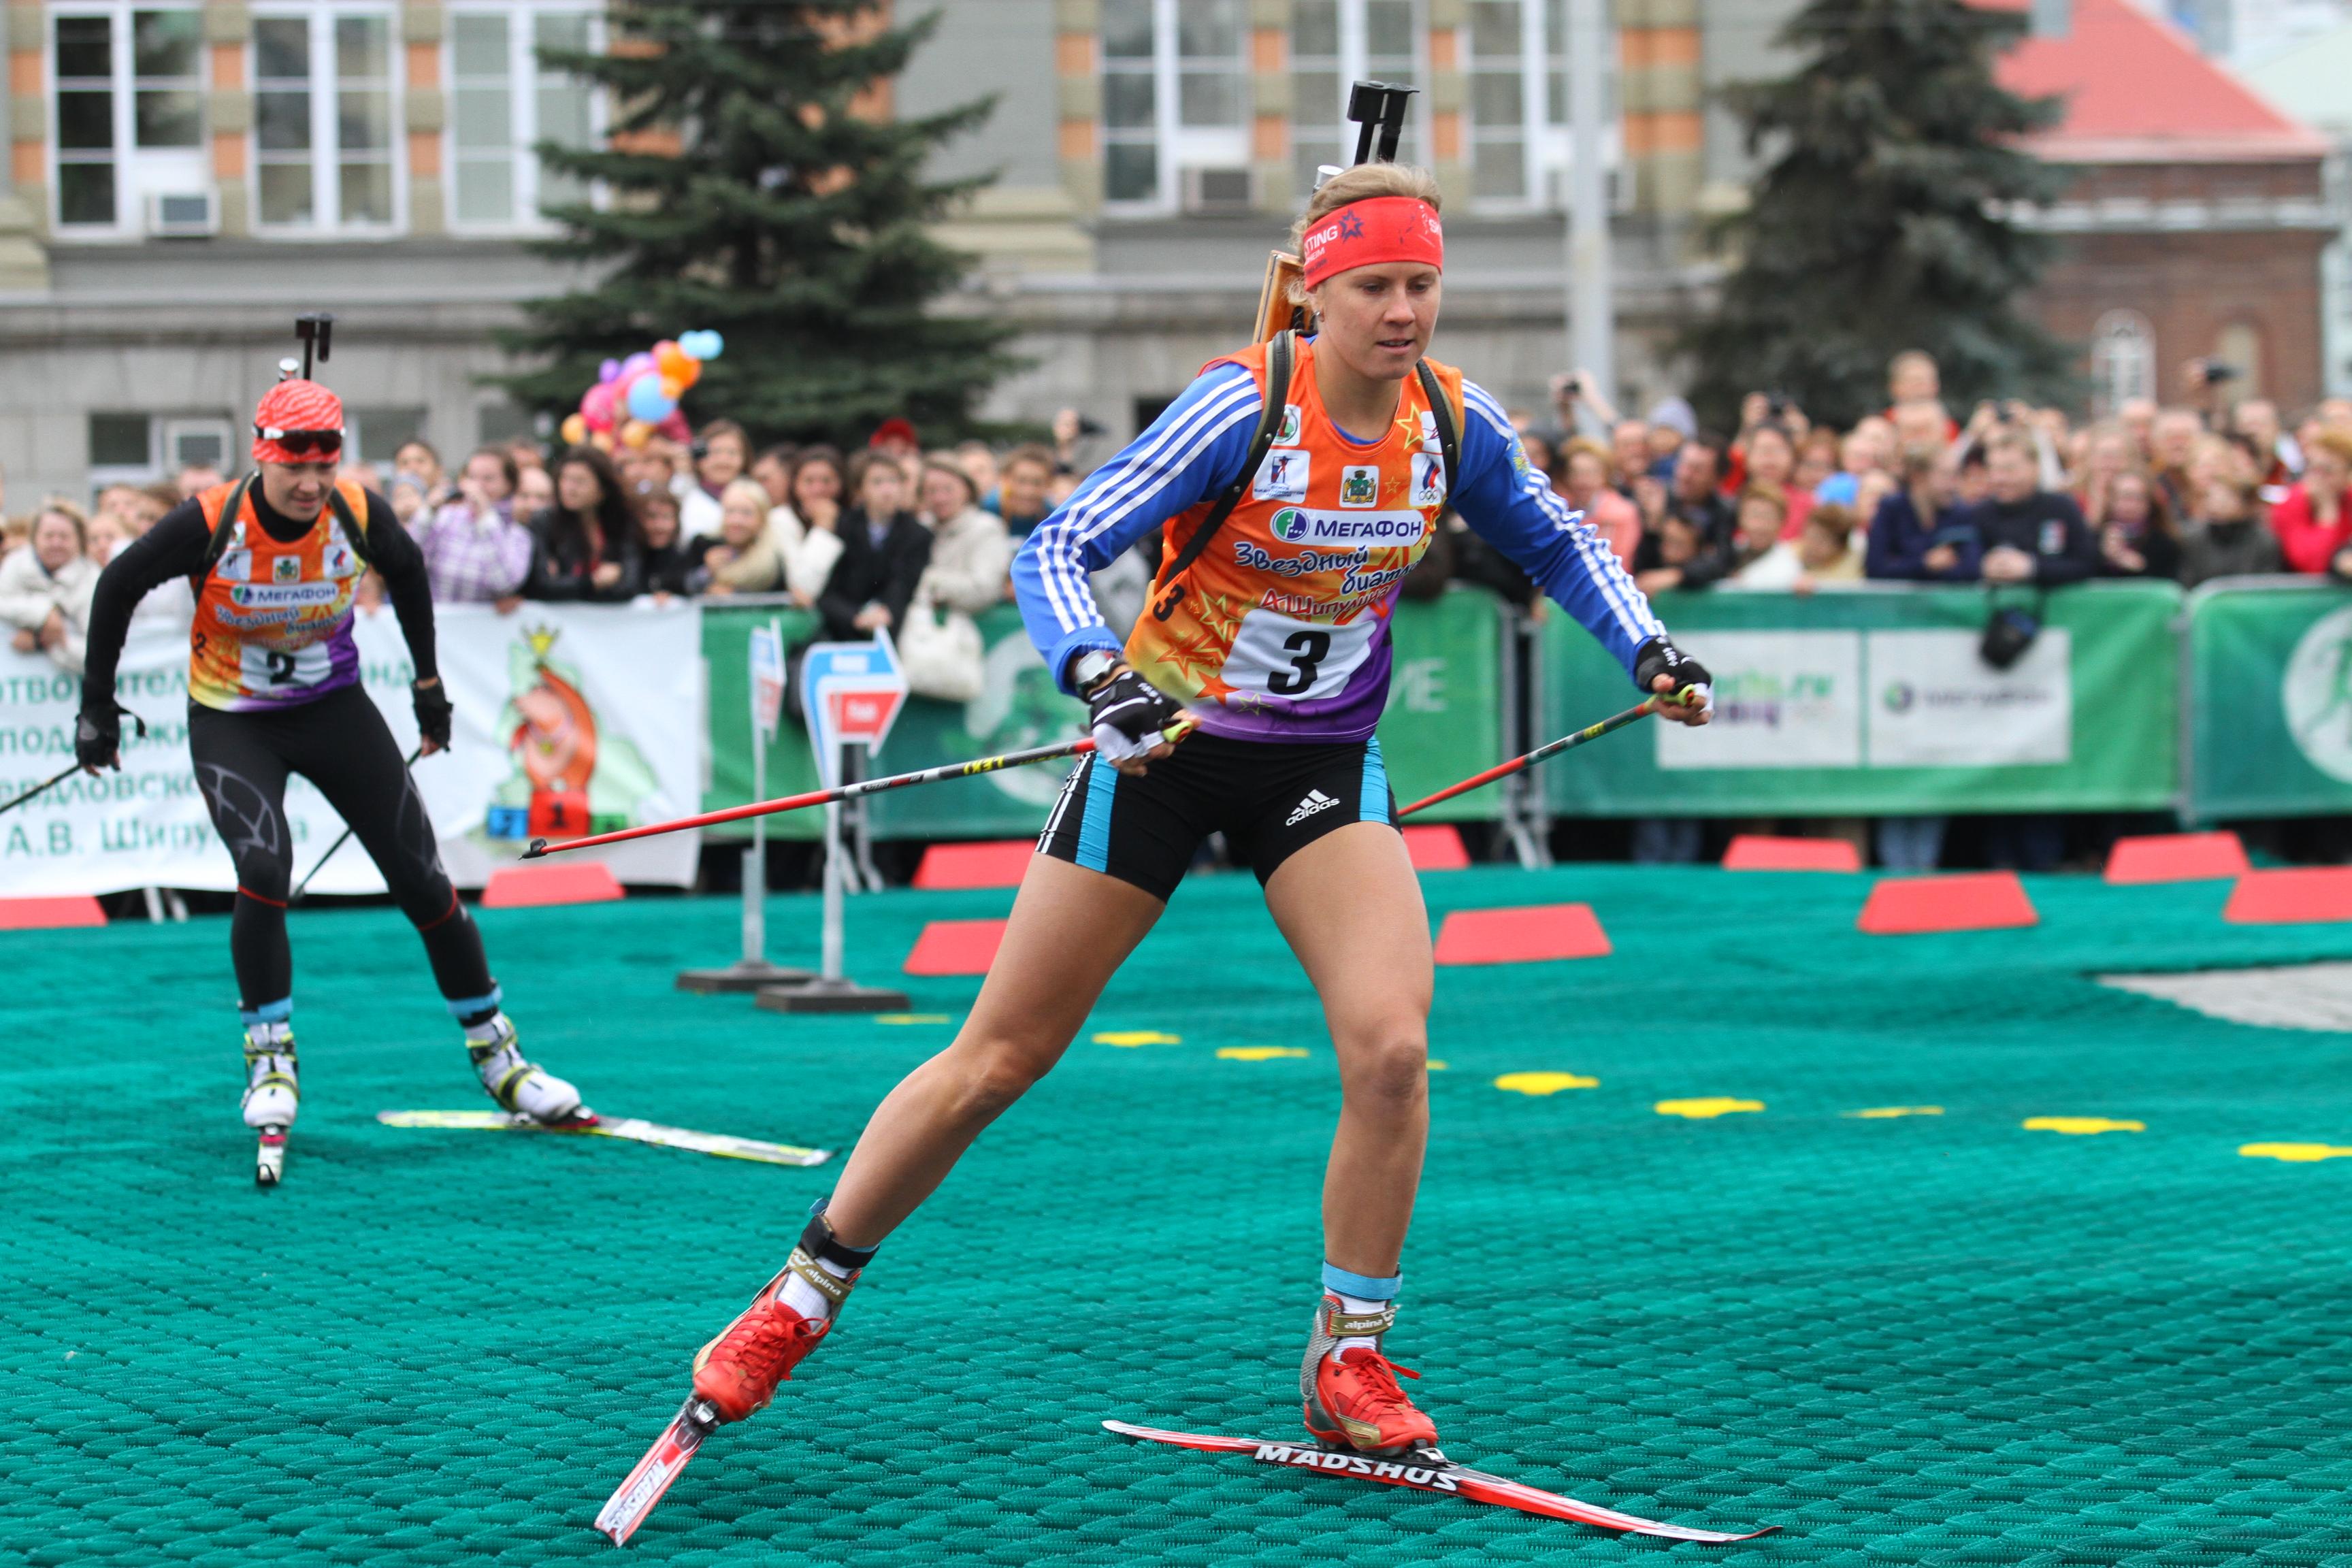 Звезды биатлона подарили Екатеринбургу праздник спорта